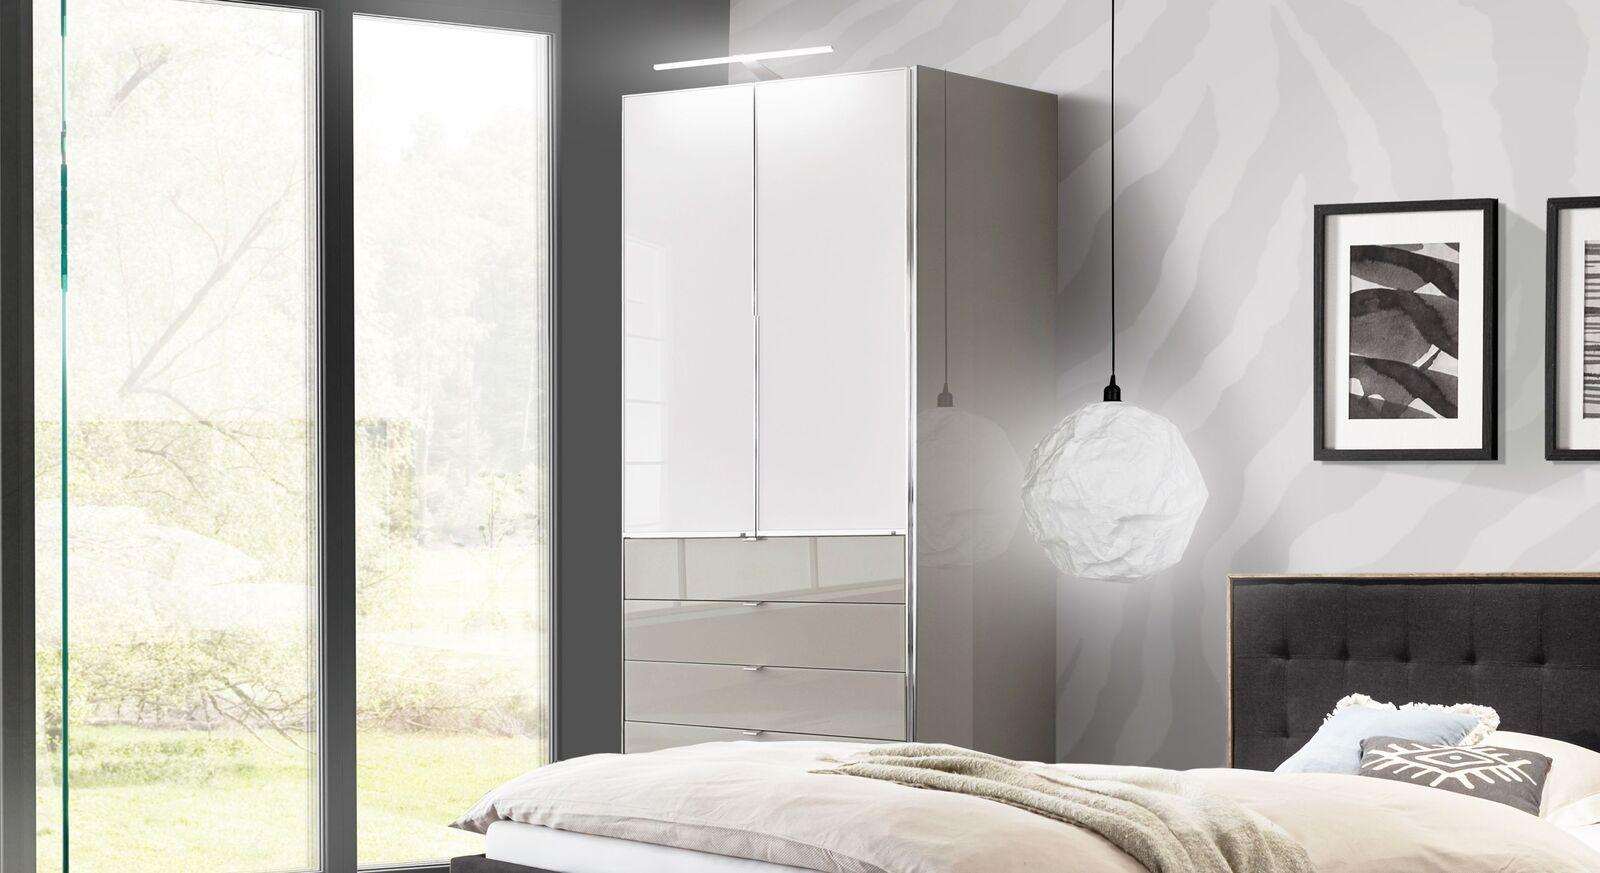 Zweifarbiger Funktions-Kleiderschrank Shanvalley mit Schubladen